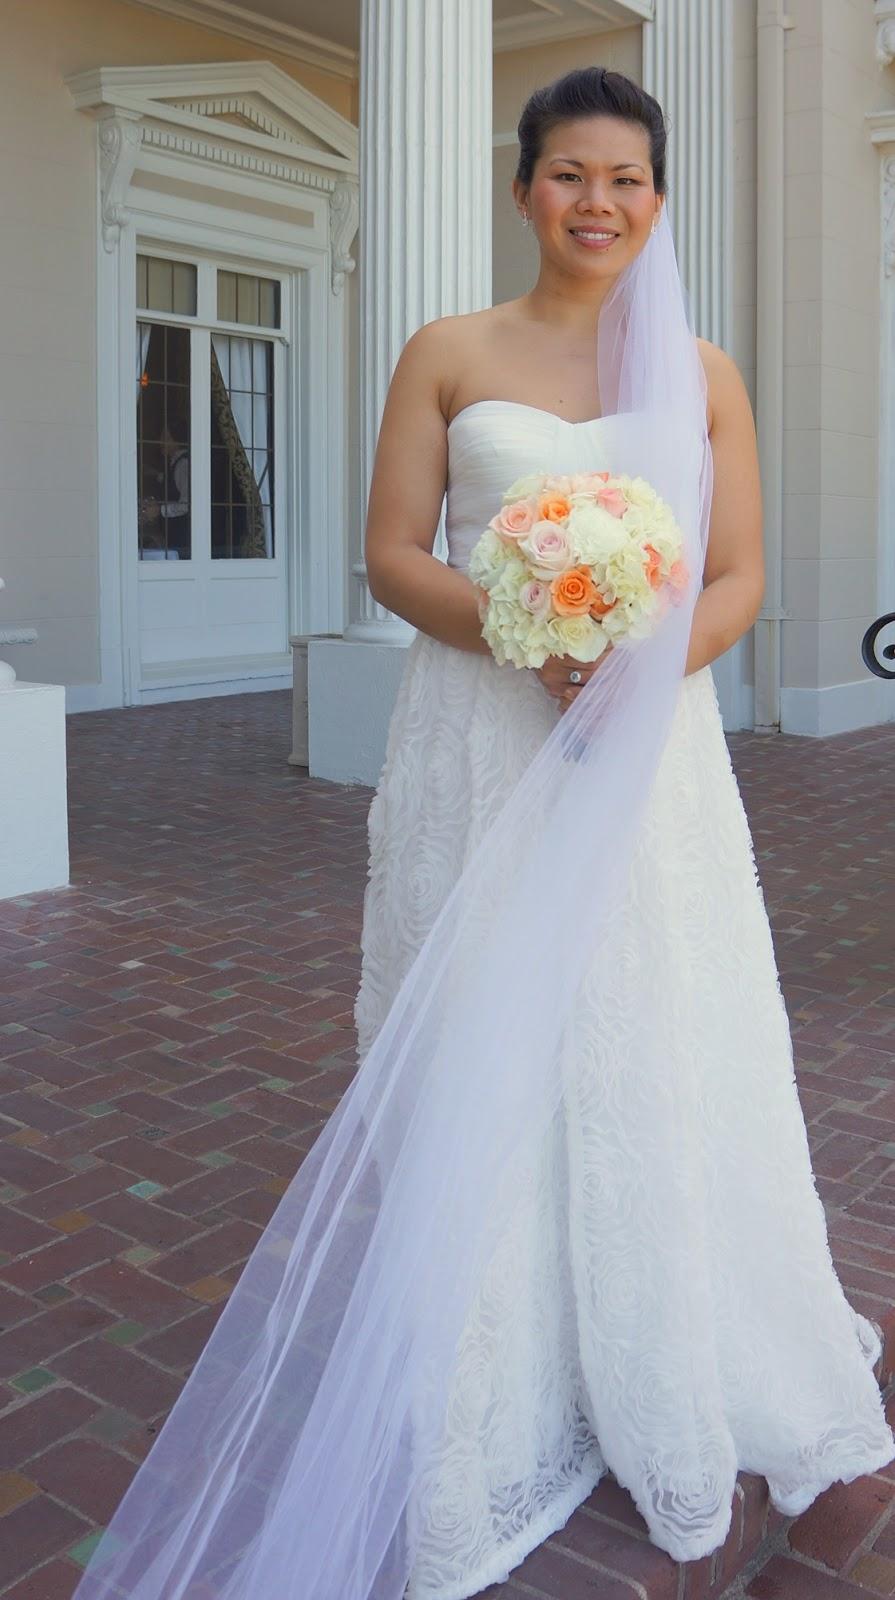 In Full Bloom by MJL: GRAND ISLAND MANSION WEDDING | SNEAK PEEK ...